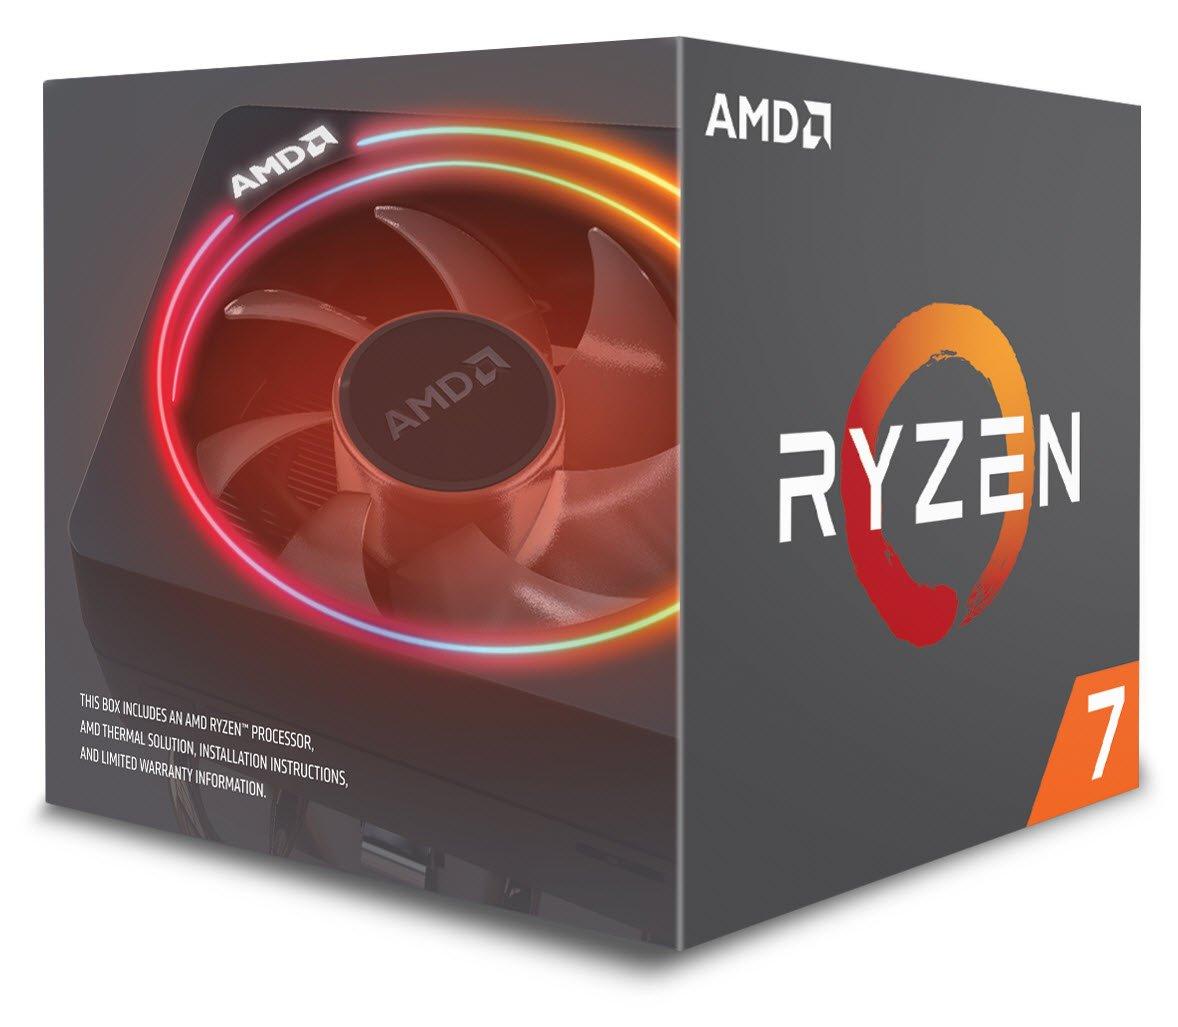 AMD Ryzen 7 2700X Processor with Wraith Prism RGB LED Cooler - YD270XBGAFBOX - £214.99 at Amazon